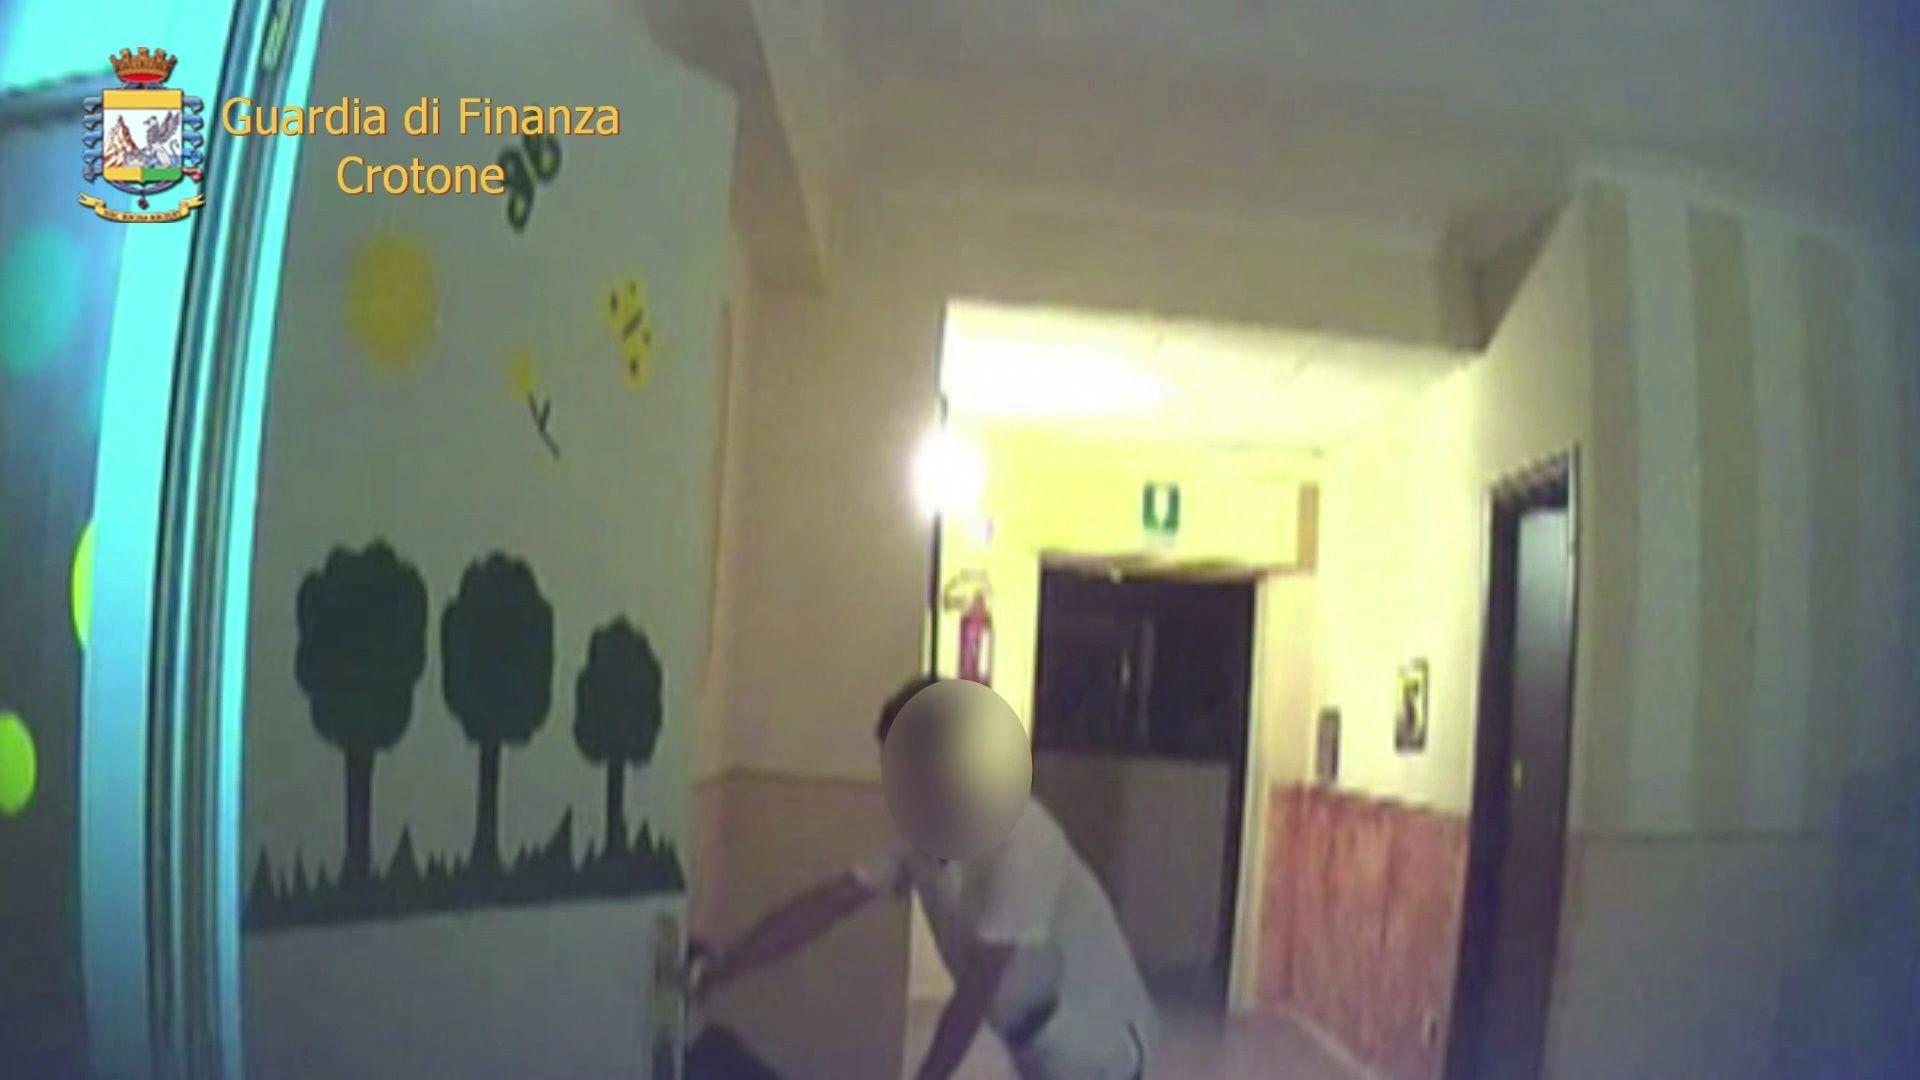 Casa di cura lager a Crotone: anziani picchiati e umiliati